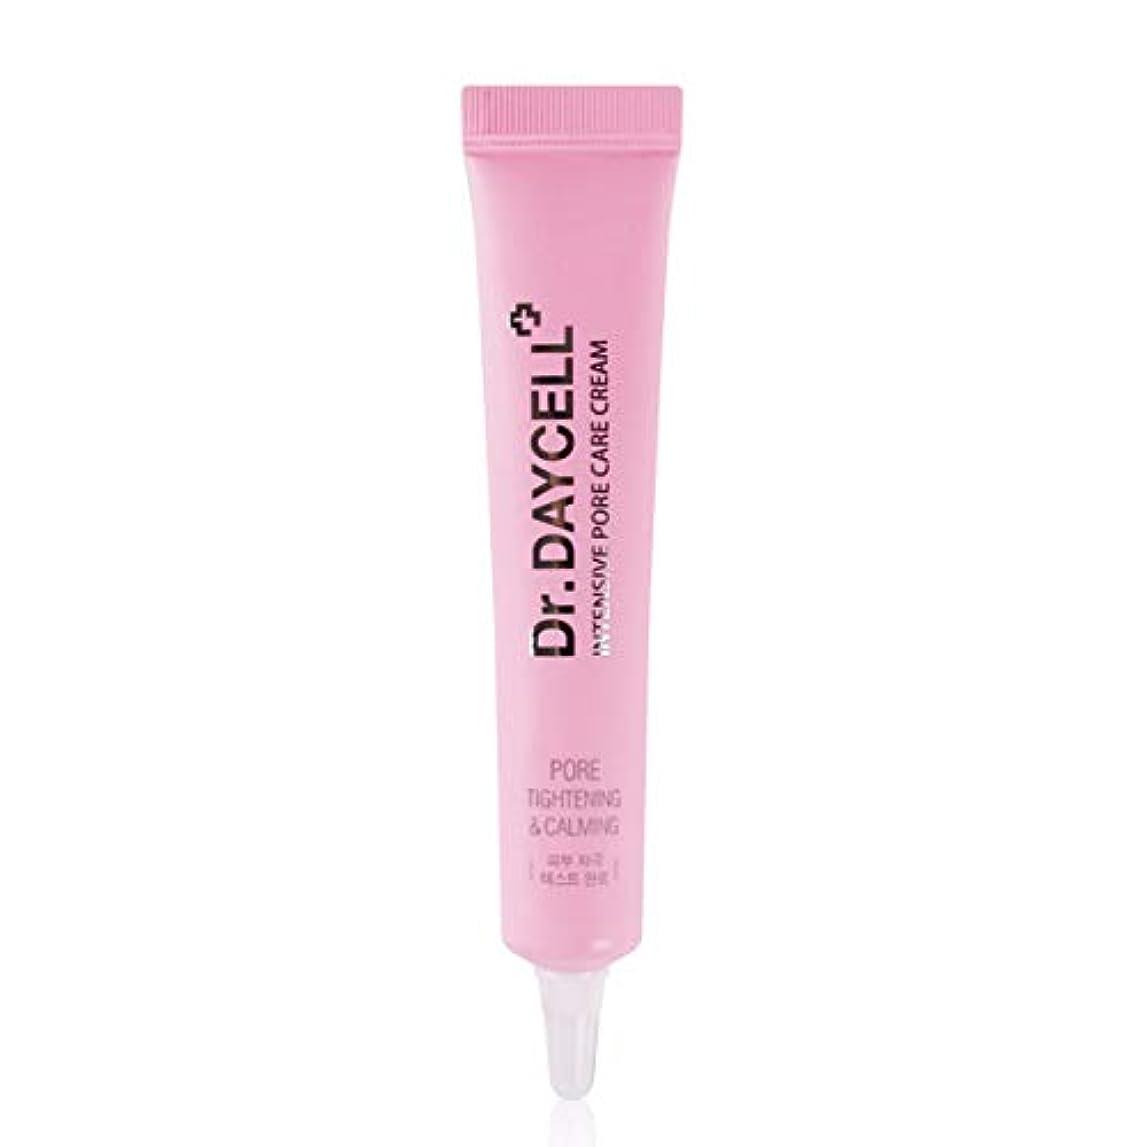 シリアル旅行者霧深いデイセル(Dr.Daycell) インテンシブポアケアクリーム20ml / Intensive Pore Care Cream